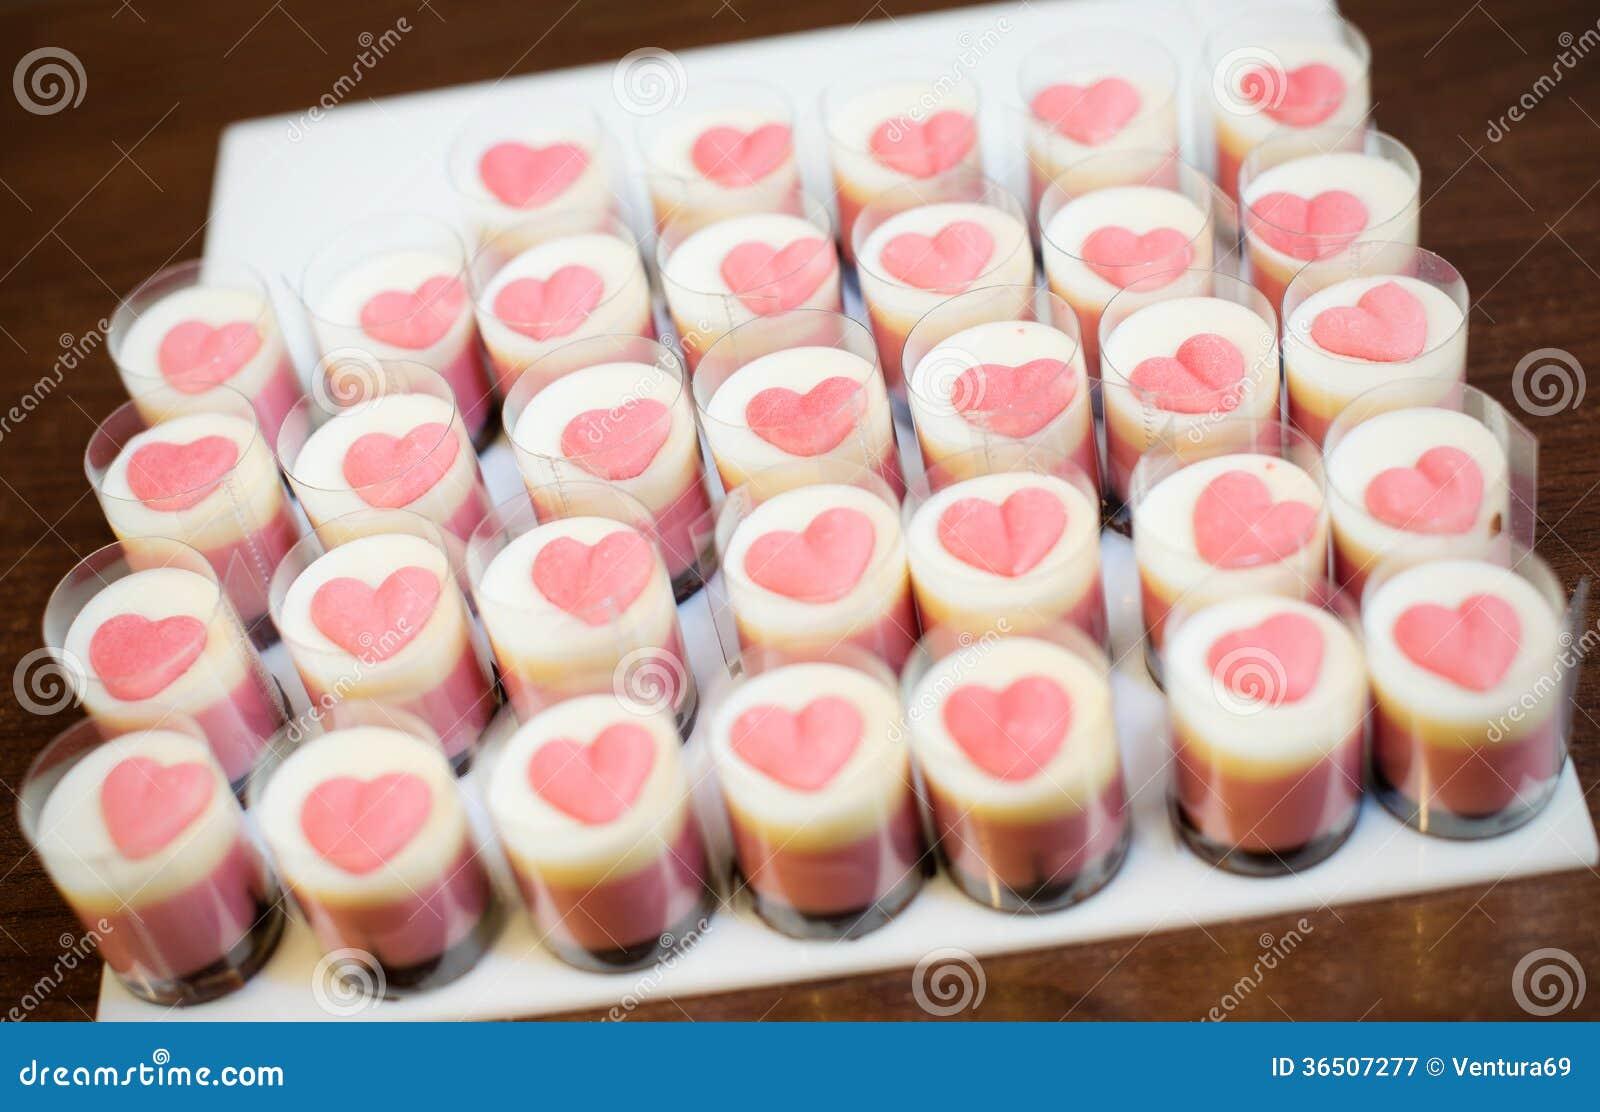 Bonbons à chocolat